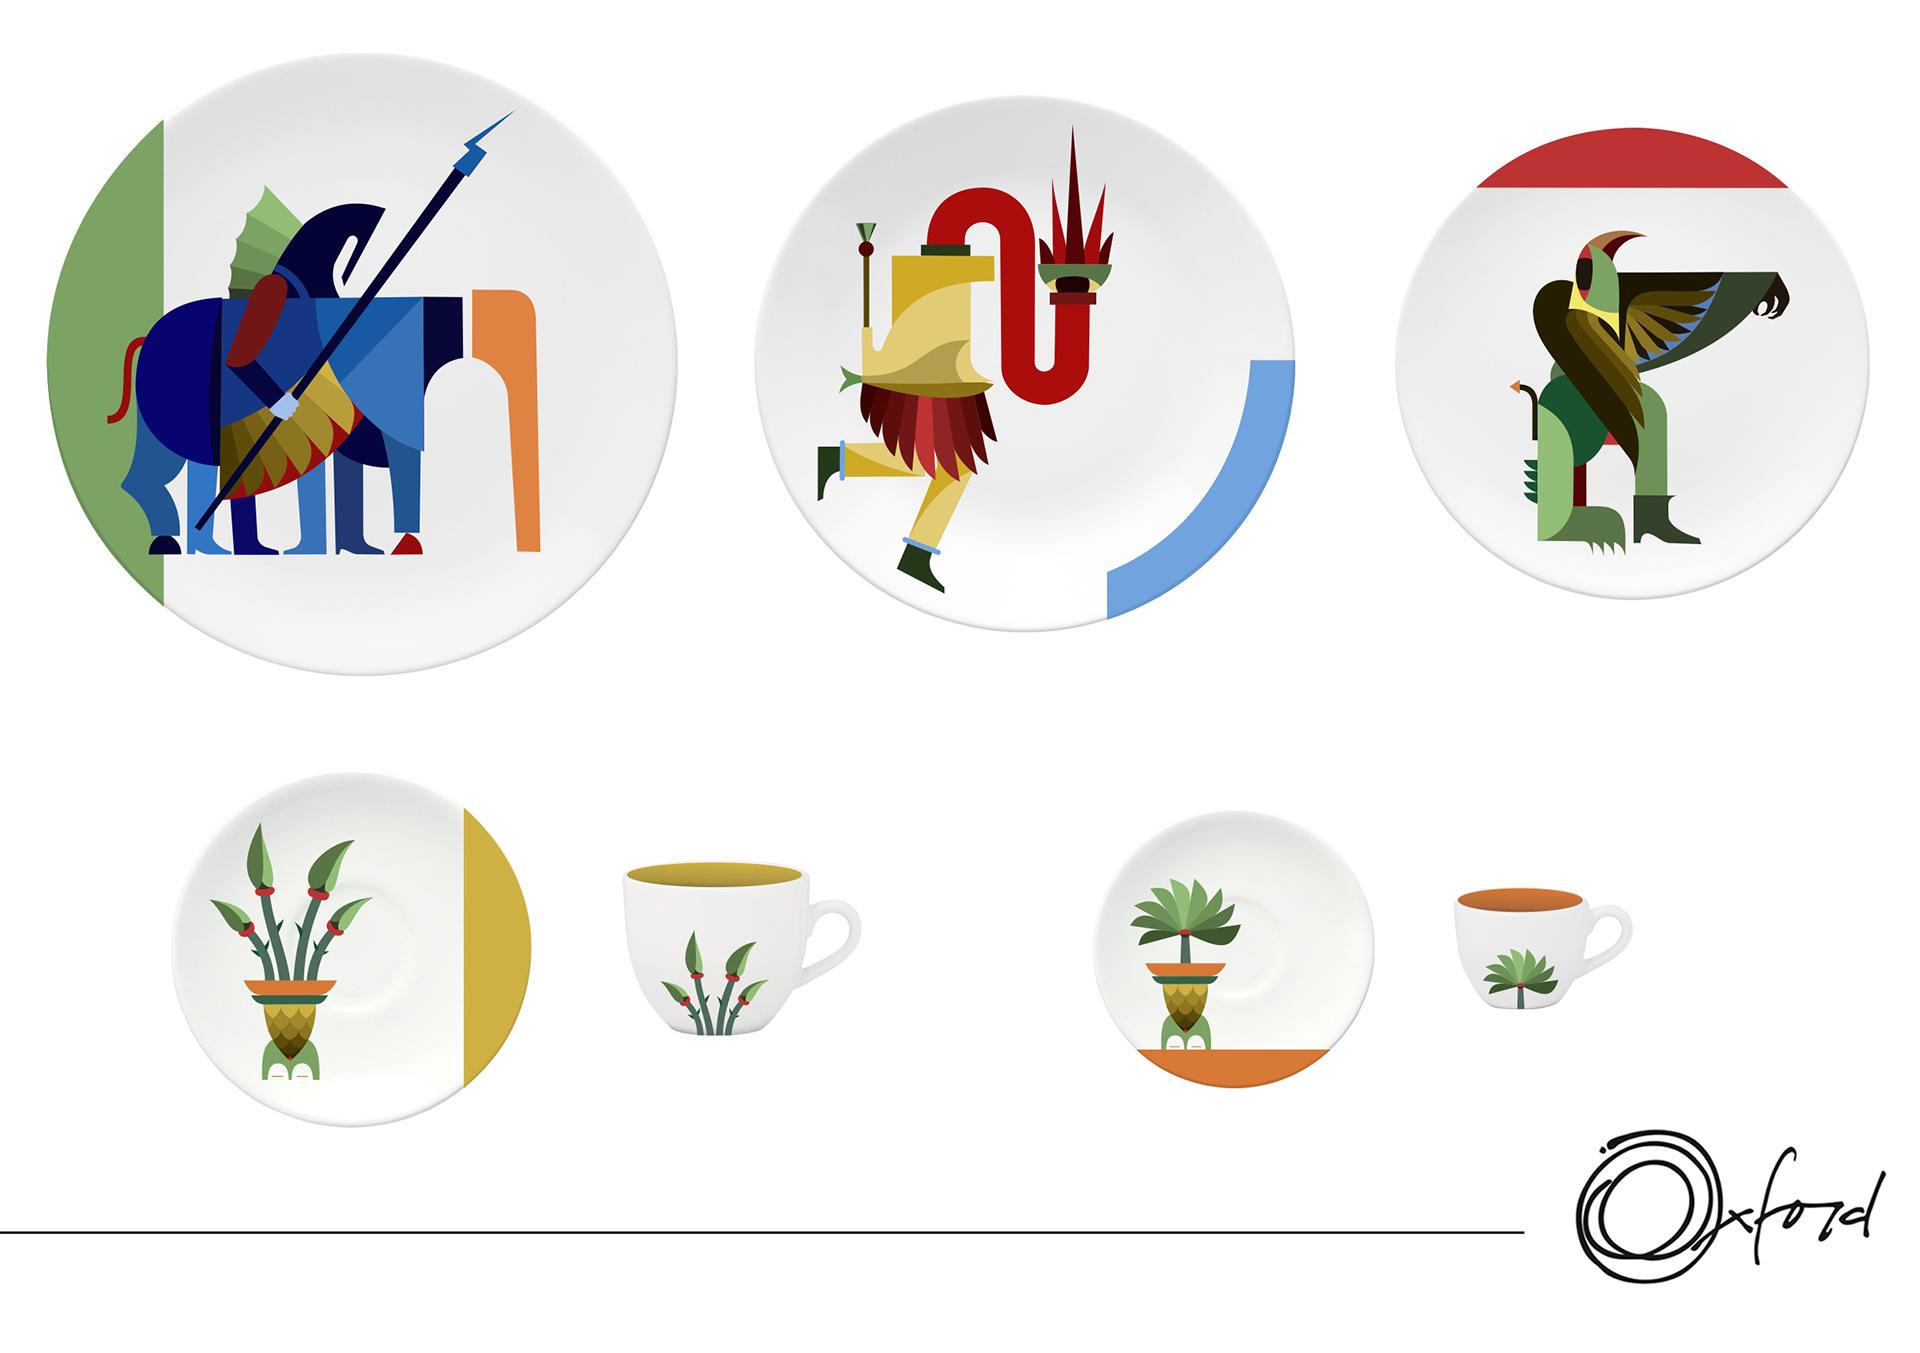 Imagem: Projeto Folclore Imaginário, de Renato Ren, terceiro colocado no Prêmio Oxford de Design 2018.